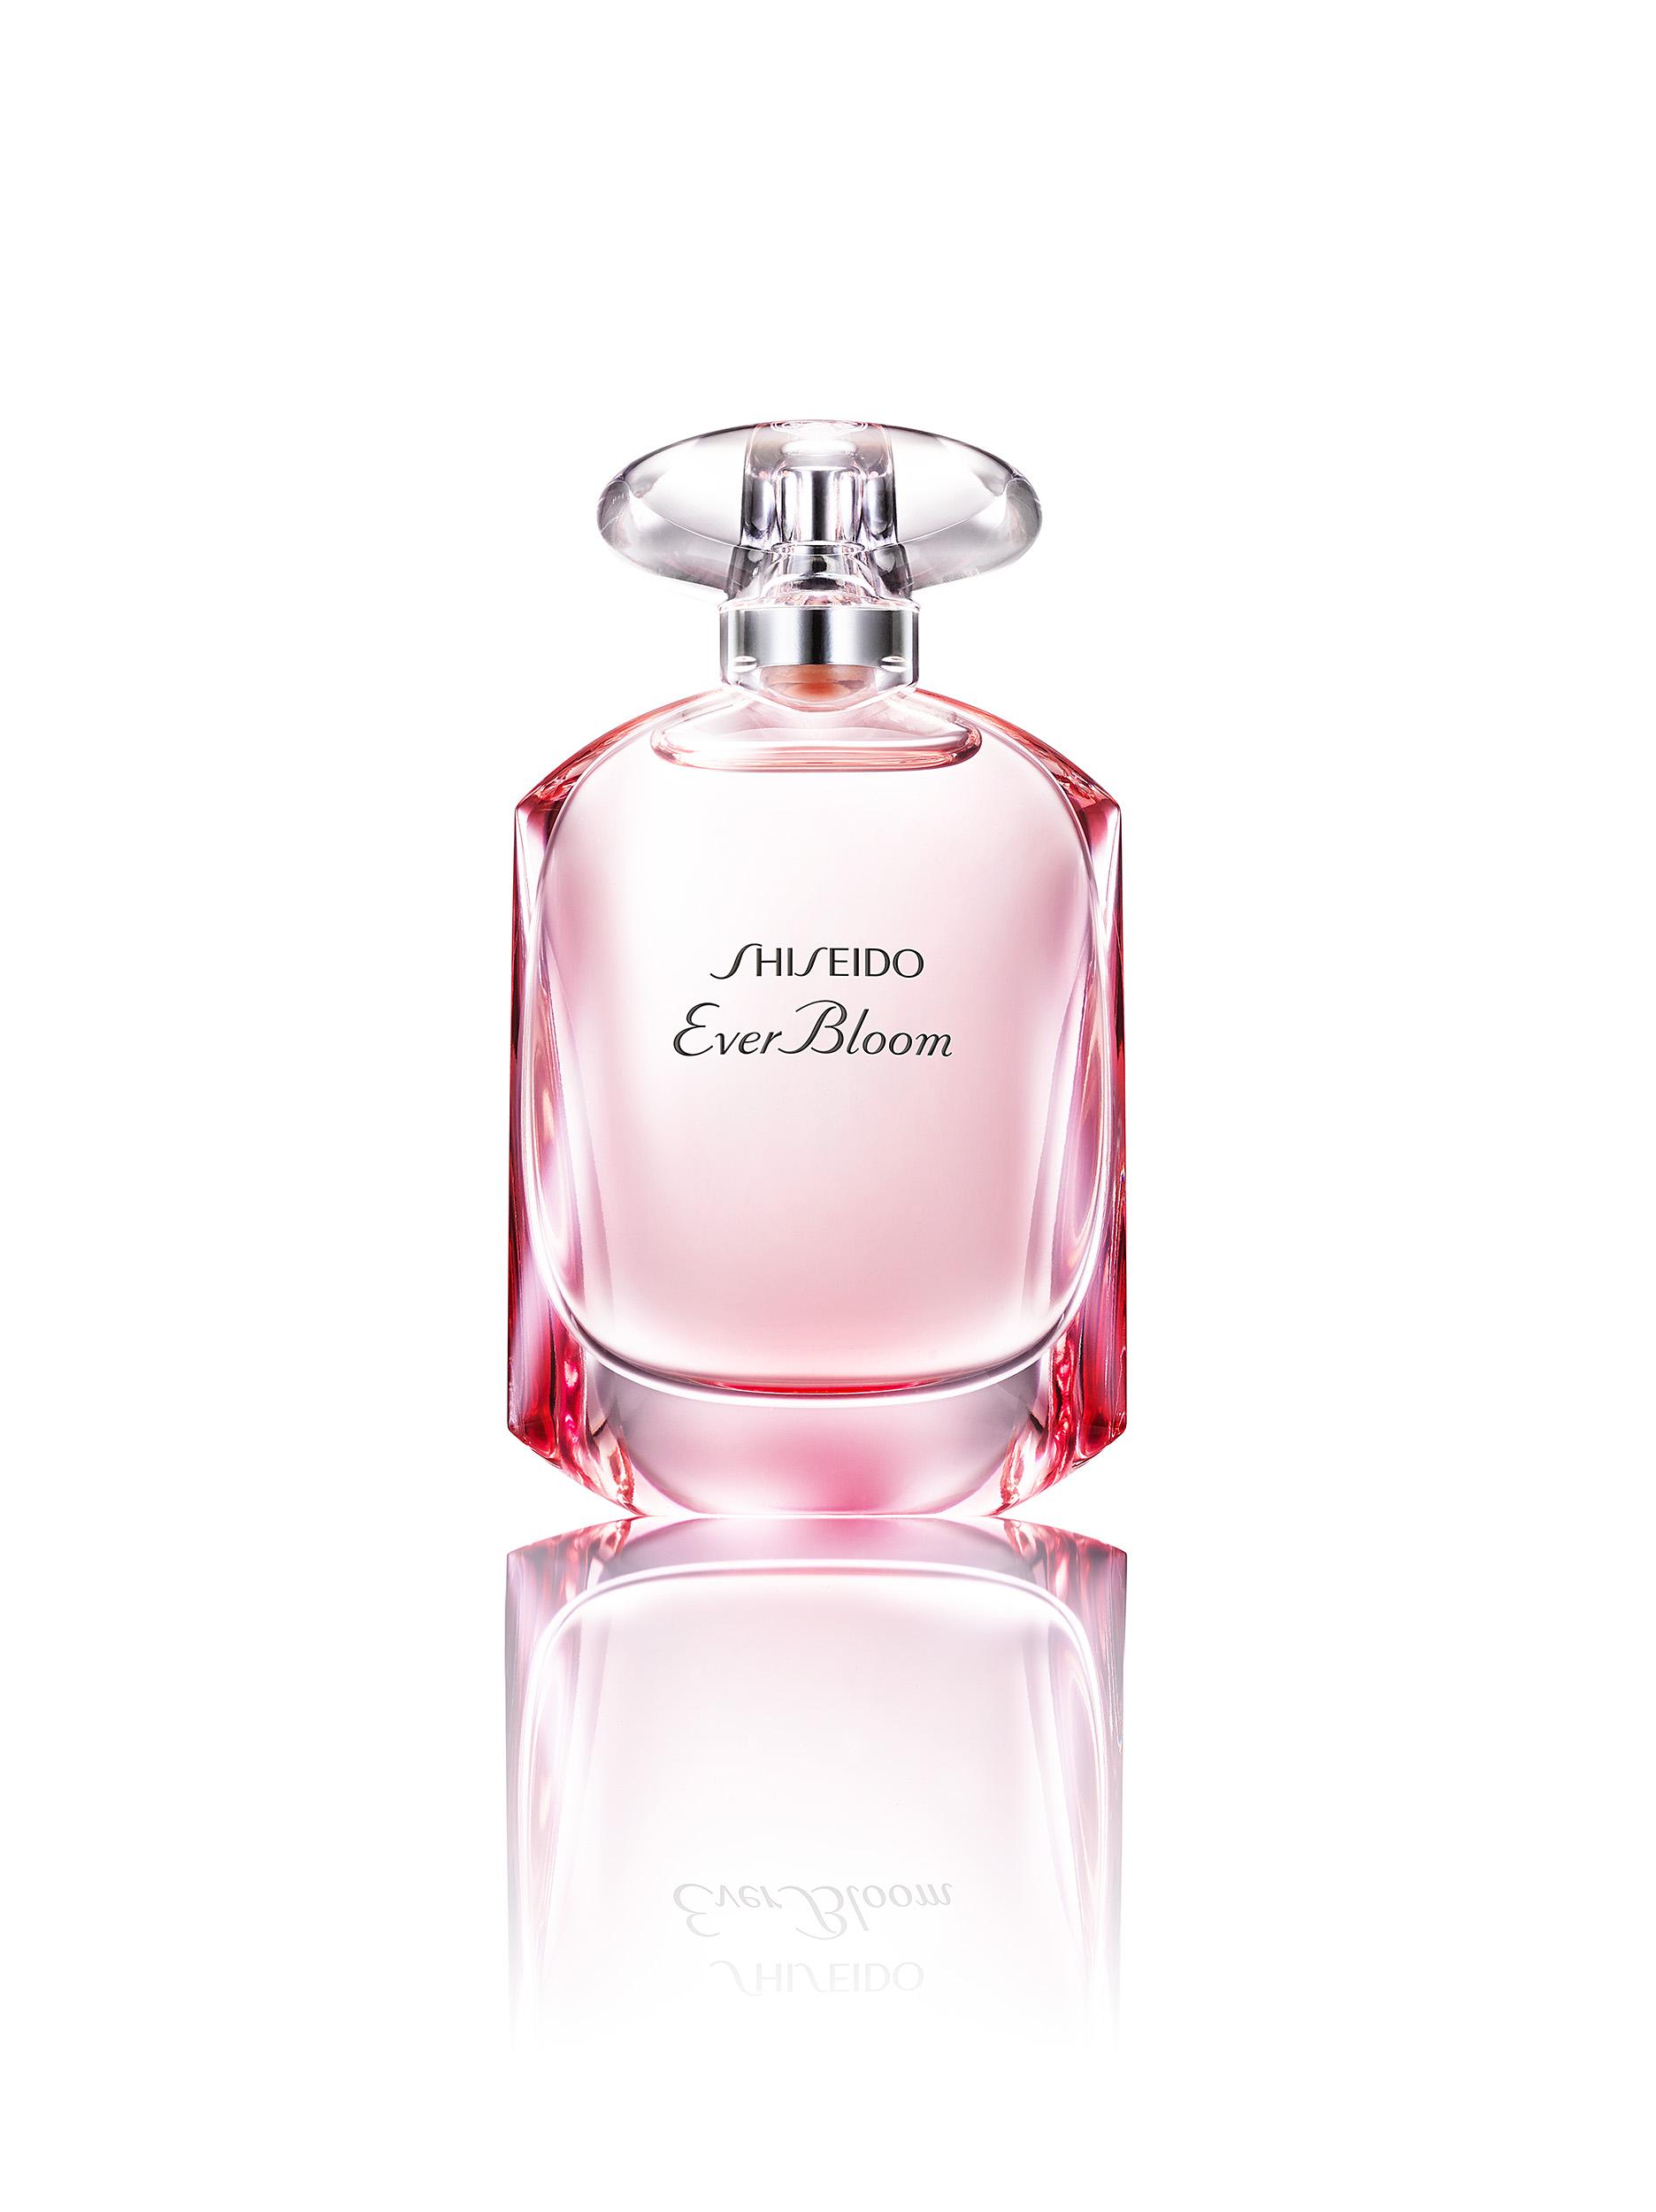 Perfumerías Laguna dispone de las últimas novedades en perfumería y cosmética a los mejores precios.